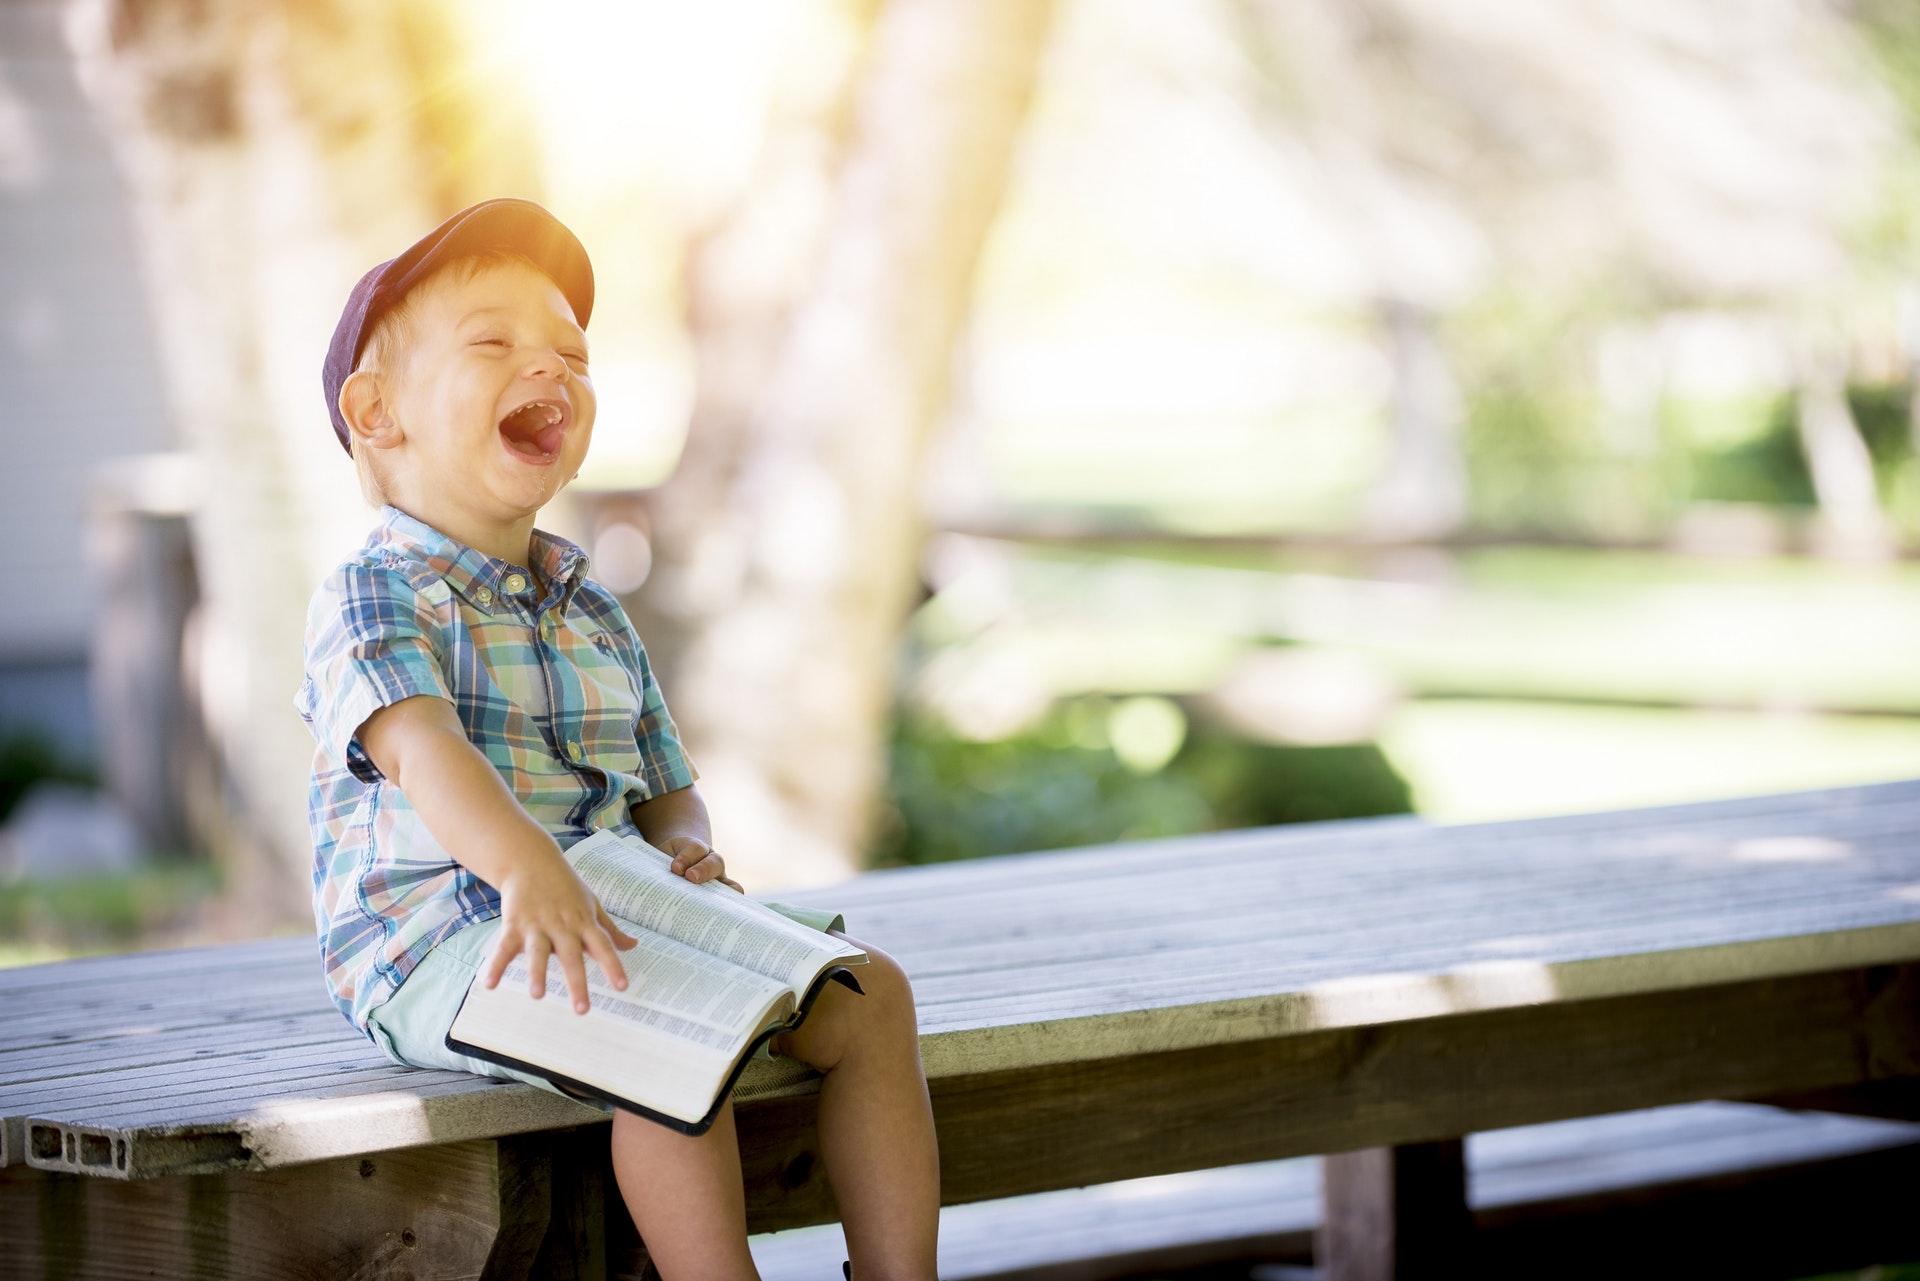 imagen de como aprender de los ninos para ser fleiz -